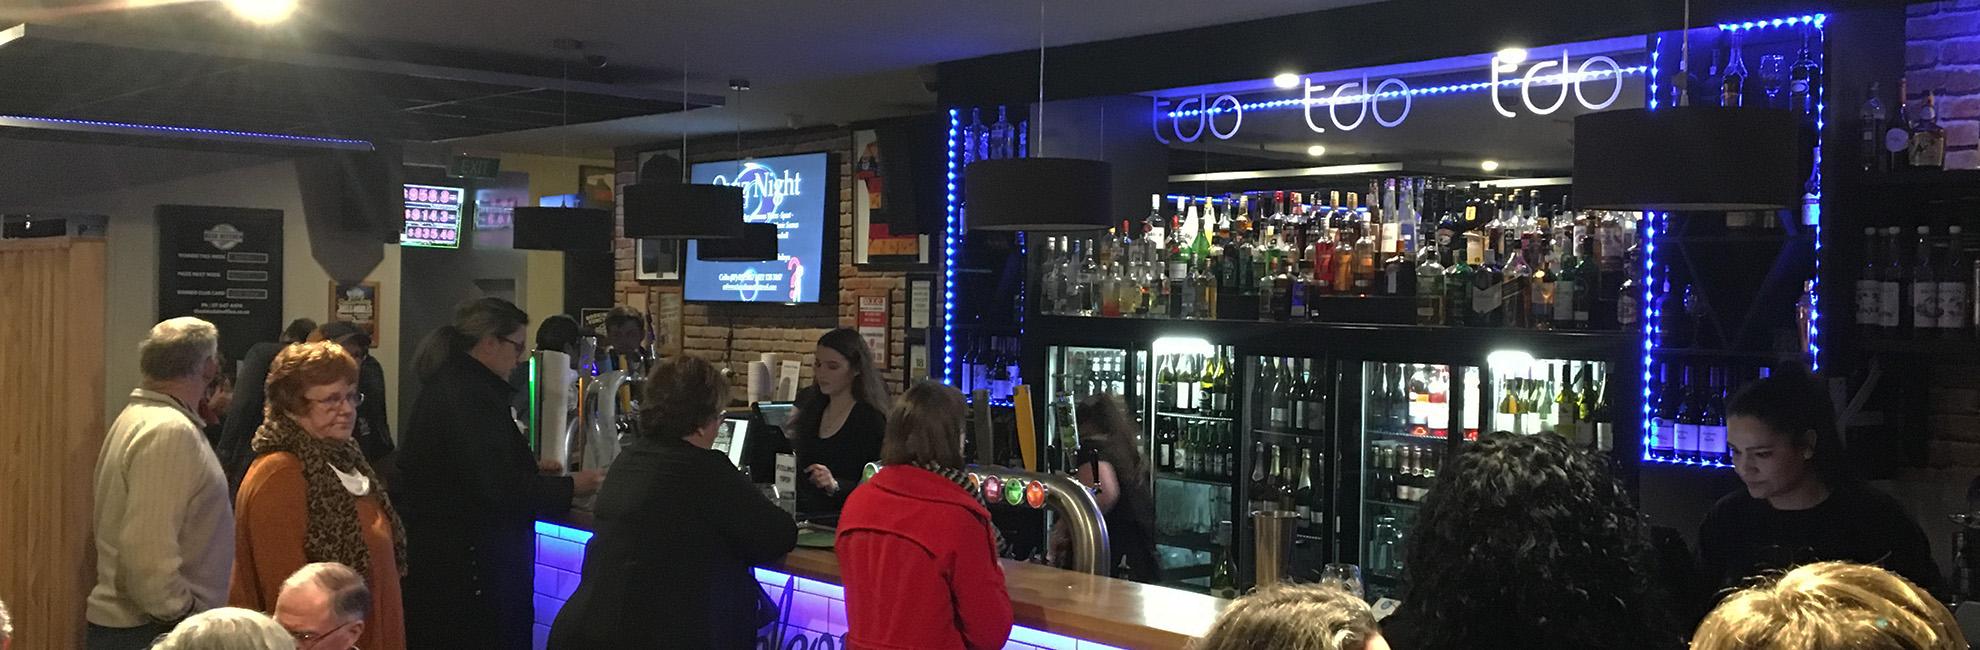 tdo-bar-restaurant-hamilton-slider-2-2